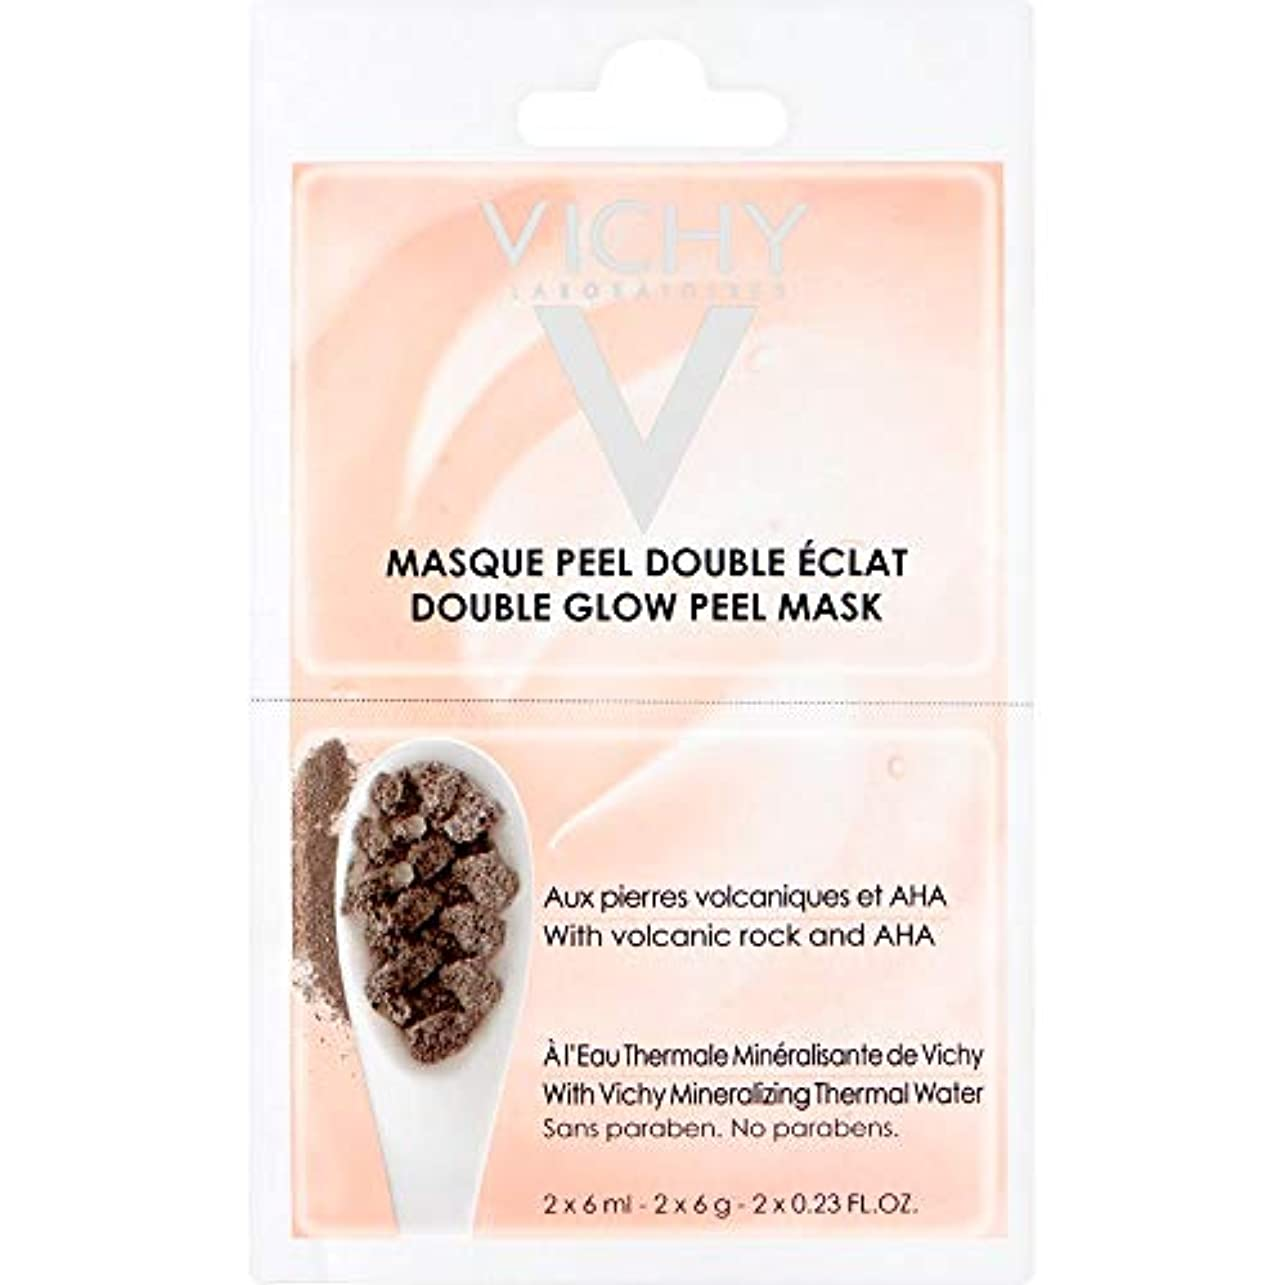 判定ドライかわす[Vichy] ヴィシーダブルグローピールマスクデュオ2×6ミリリットル - Vichy Double Glow Peel Mask Duo 2 x 6ml [並行輸入品]